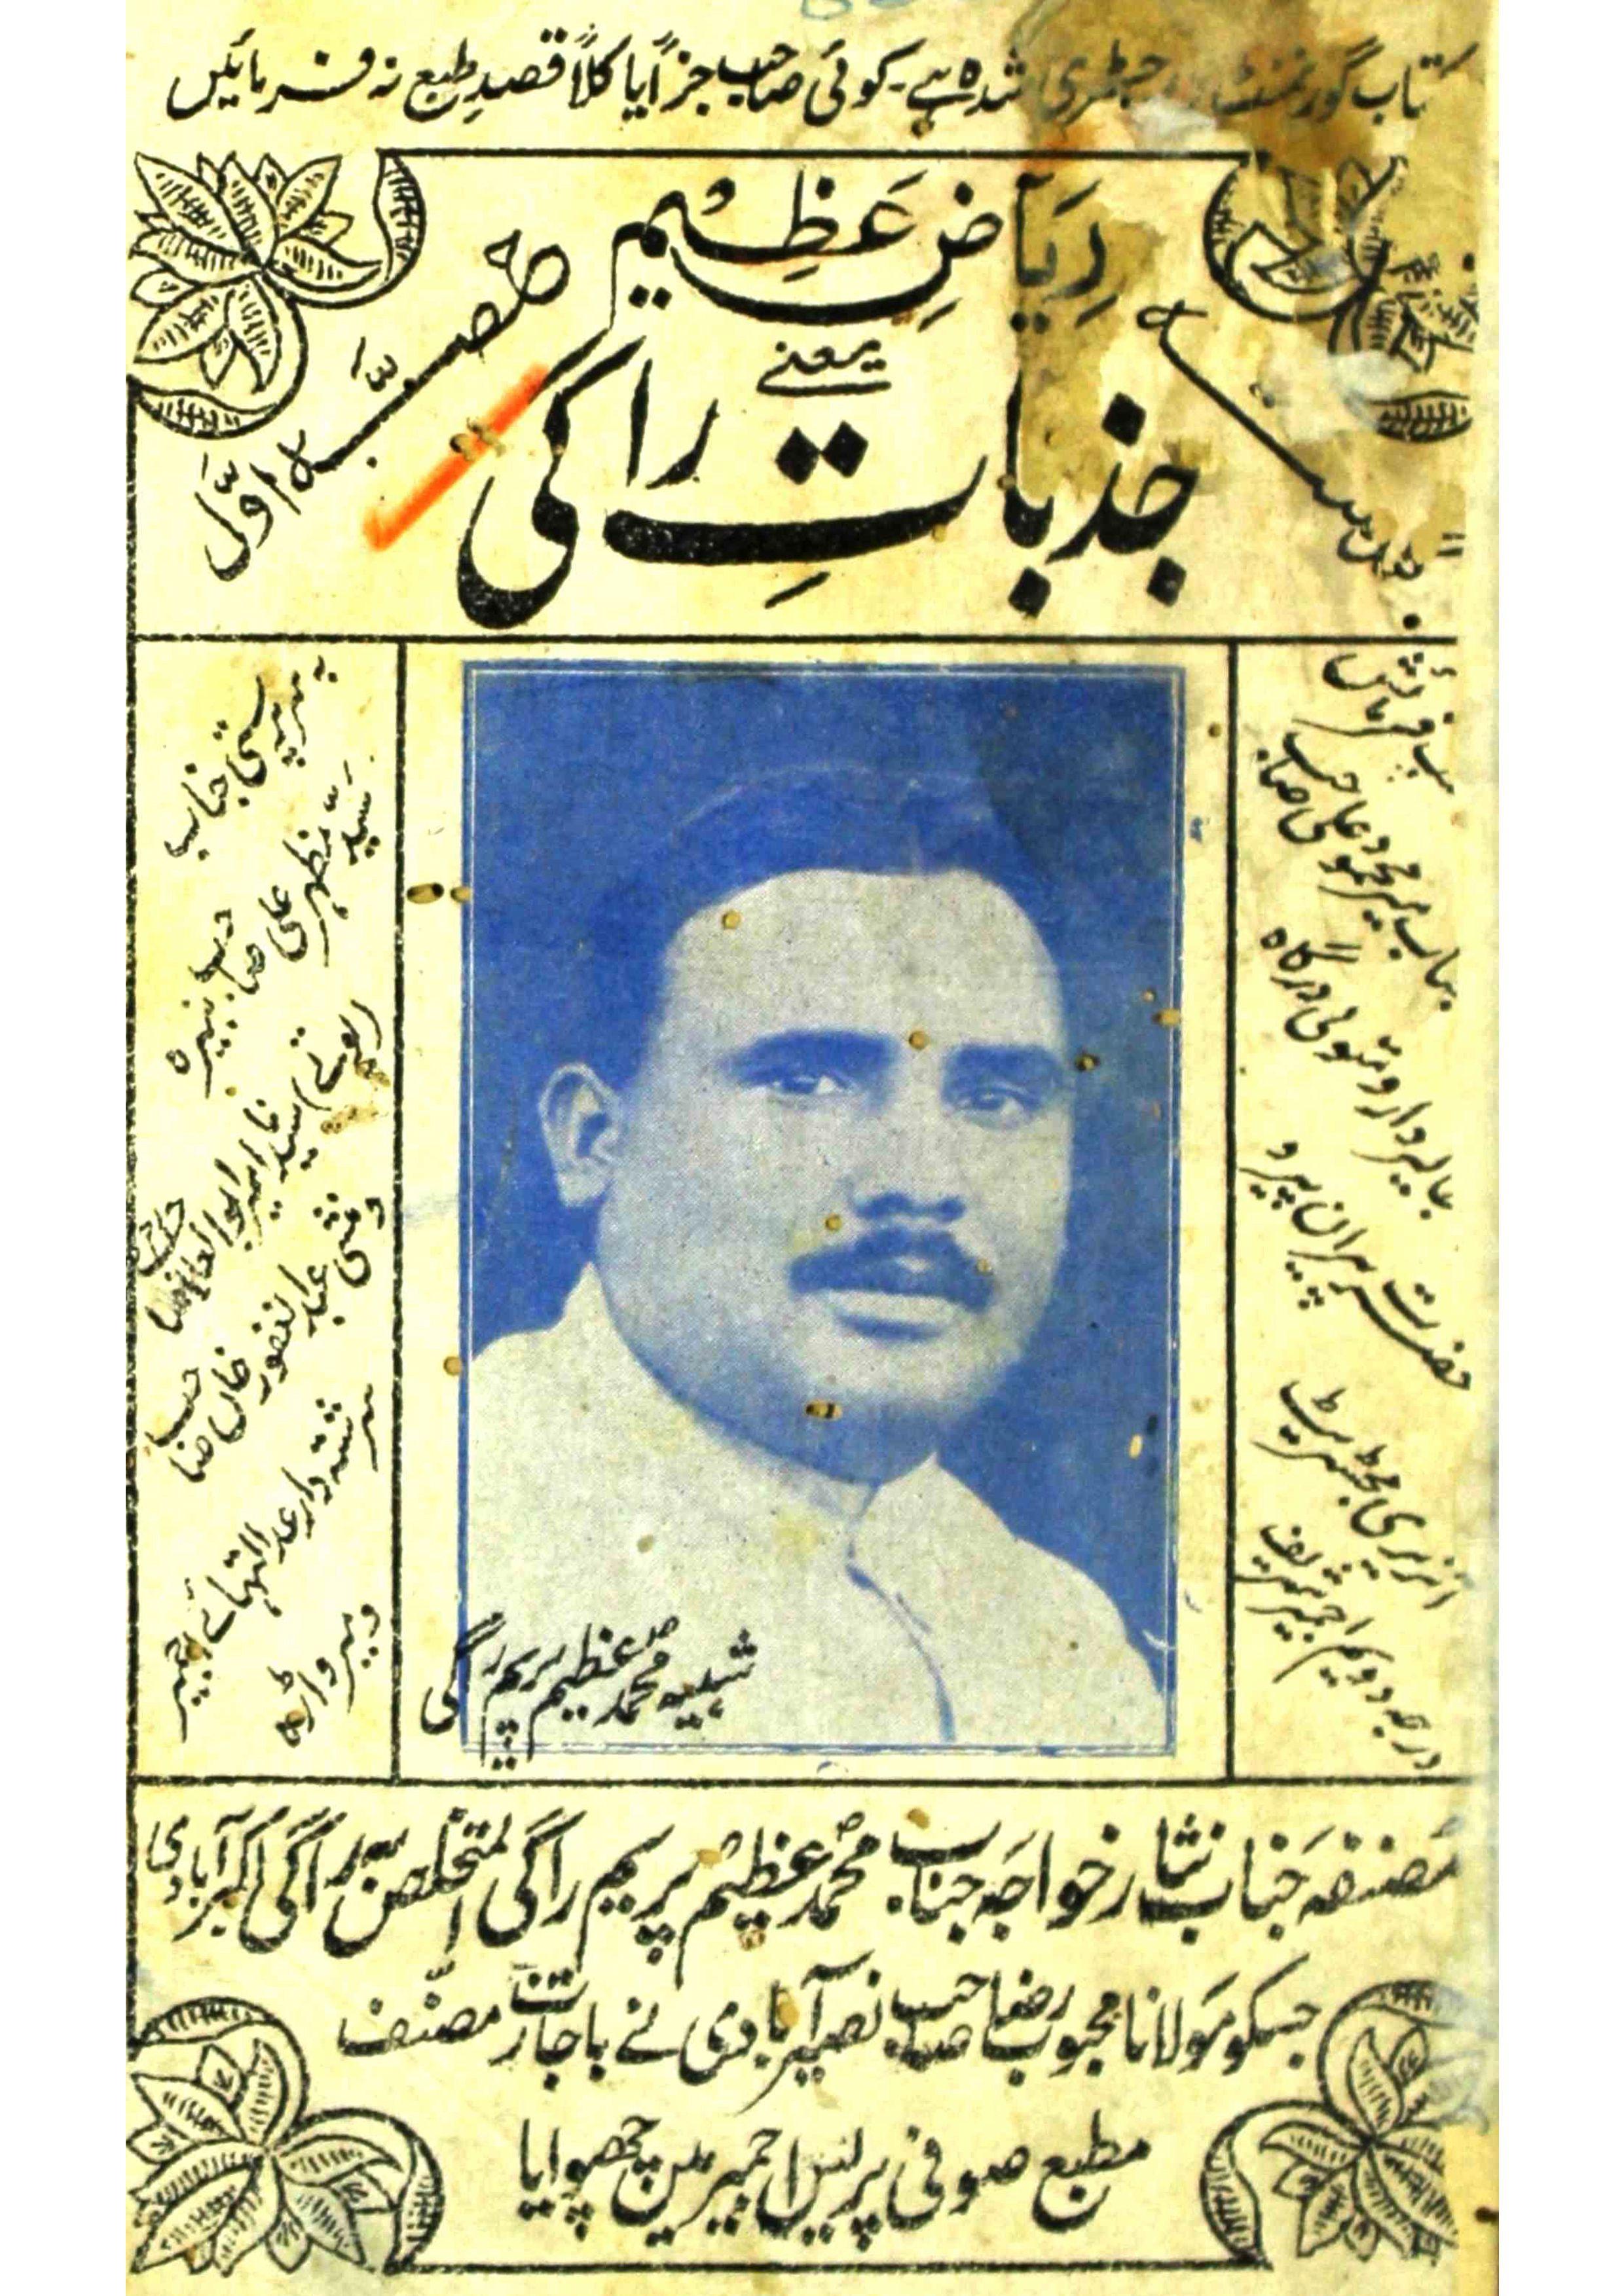 Jazbat-e-Ragi